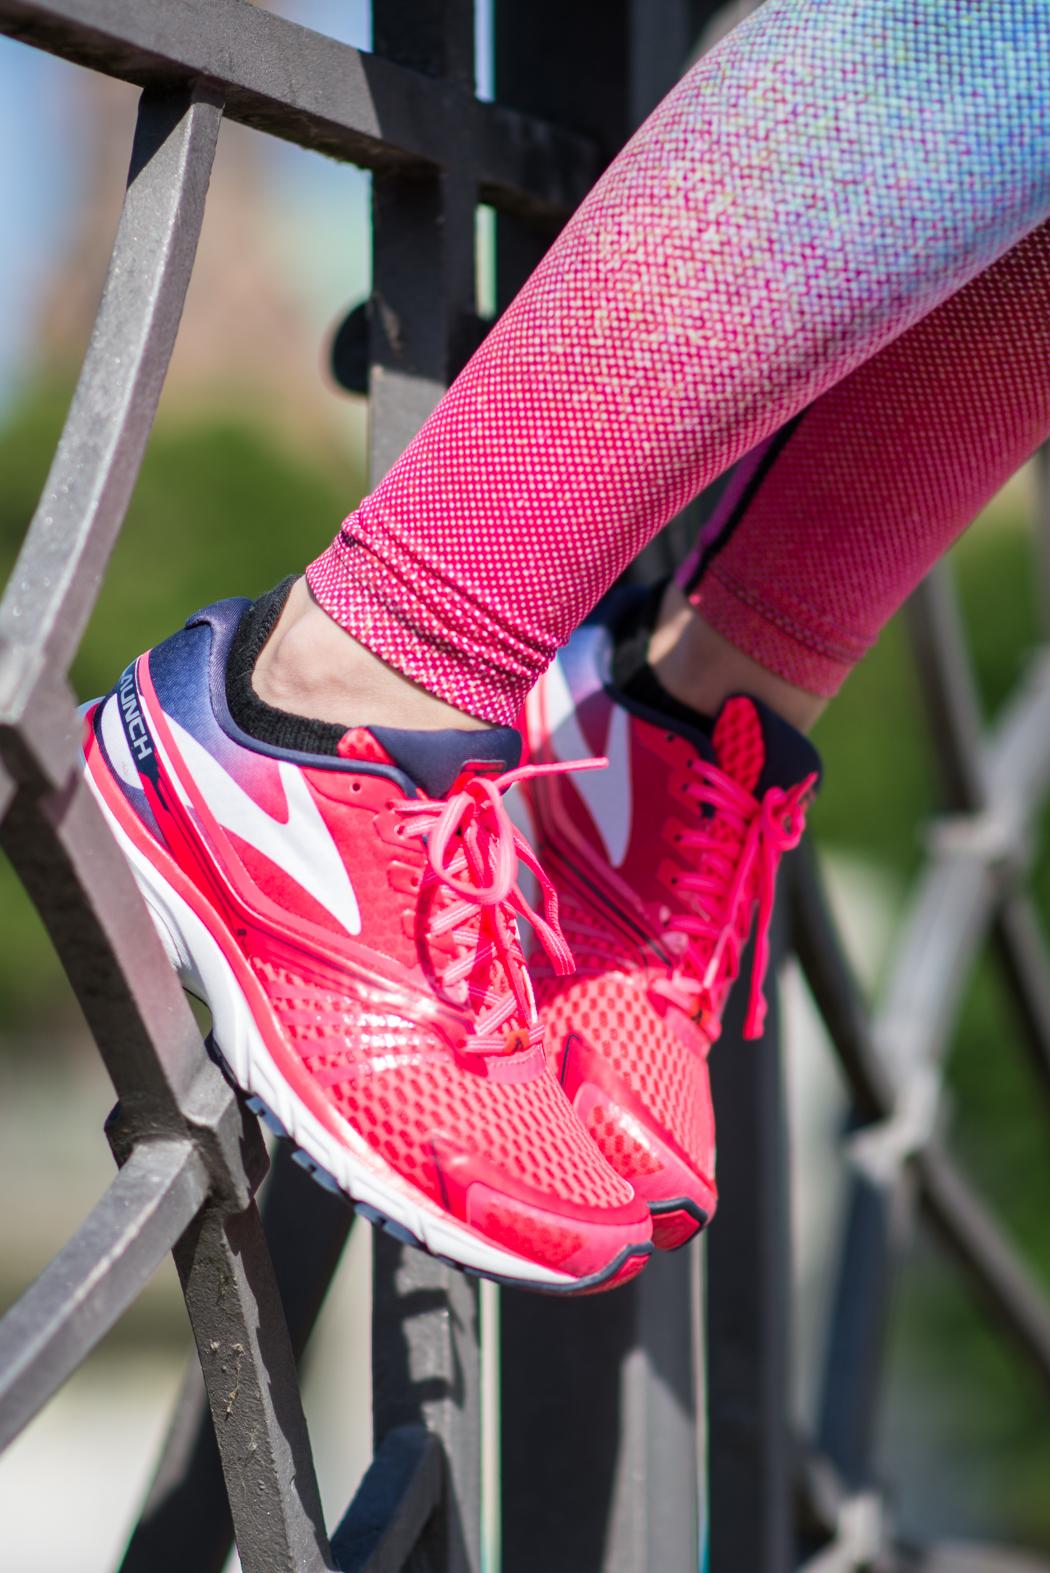 Fitnessblog-Fitnessblogger-Blog-Fitness-Sport-Laufen-Running-Munich-München-Deutschland-Lindarella-Linda-Rella-Lifestyle-Run-Happy-Brooks-4